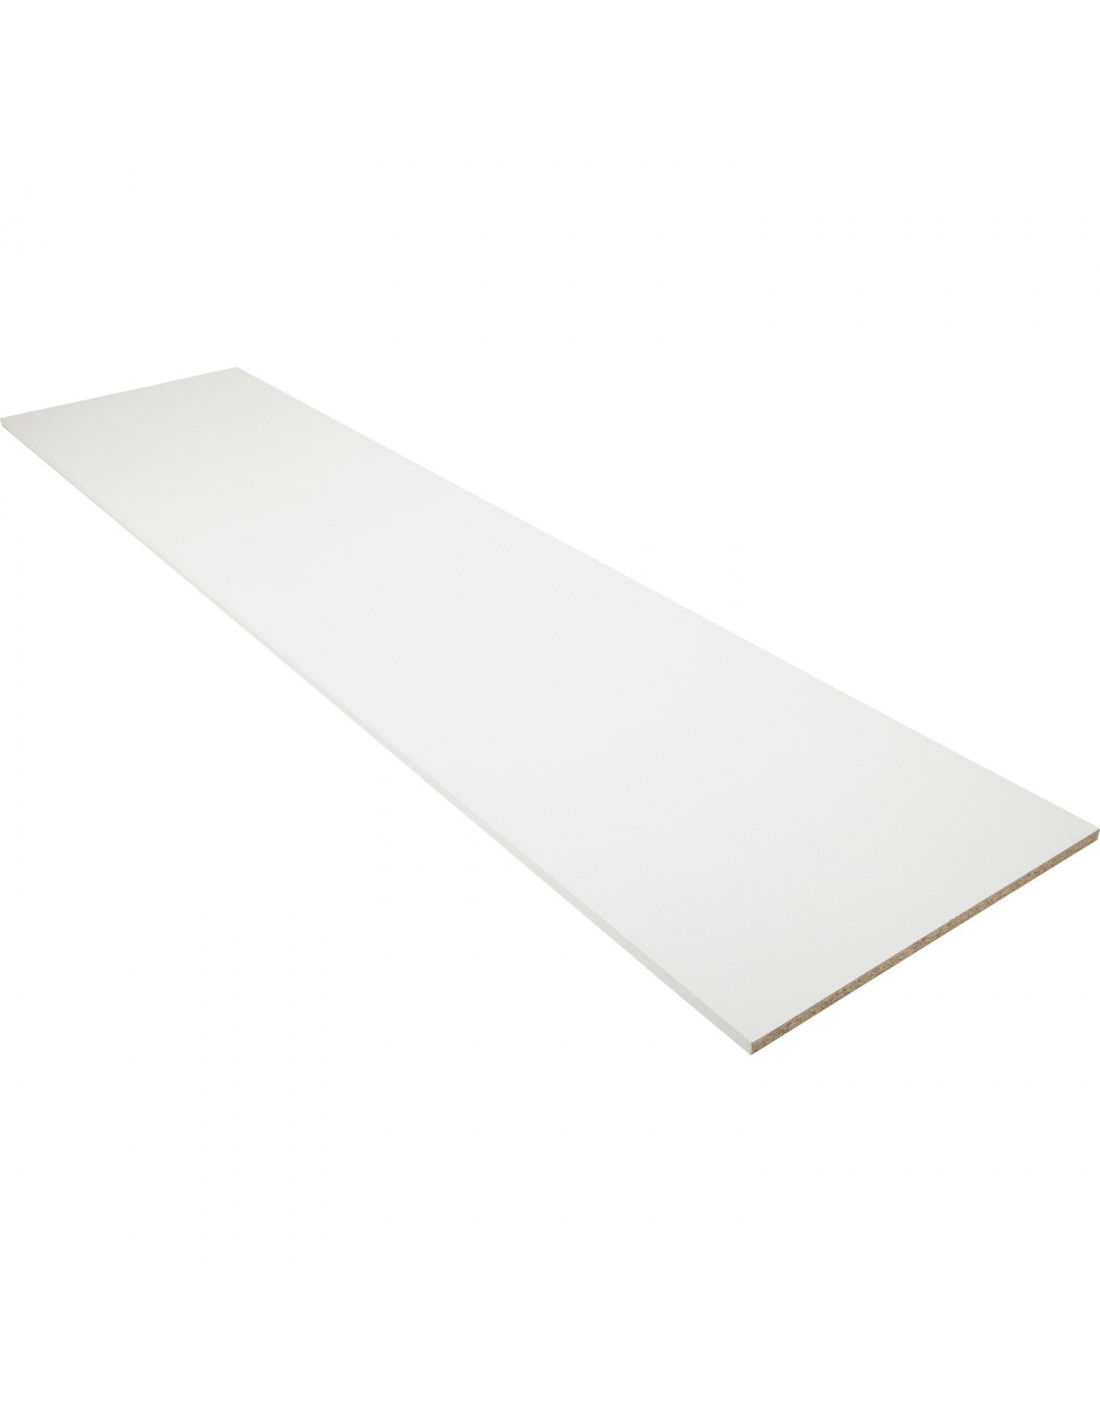 Feuille Stratifié Blanc Brillant supbois tablette d'aménagement mélaminé laqué blanc 2 chants Épaisseur 16 mm